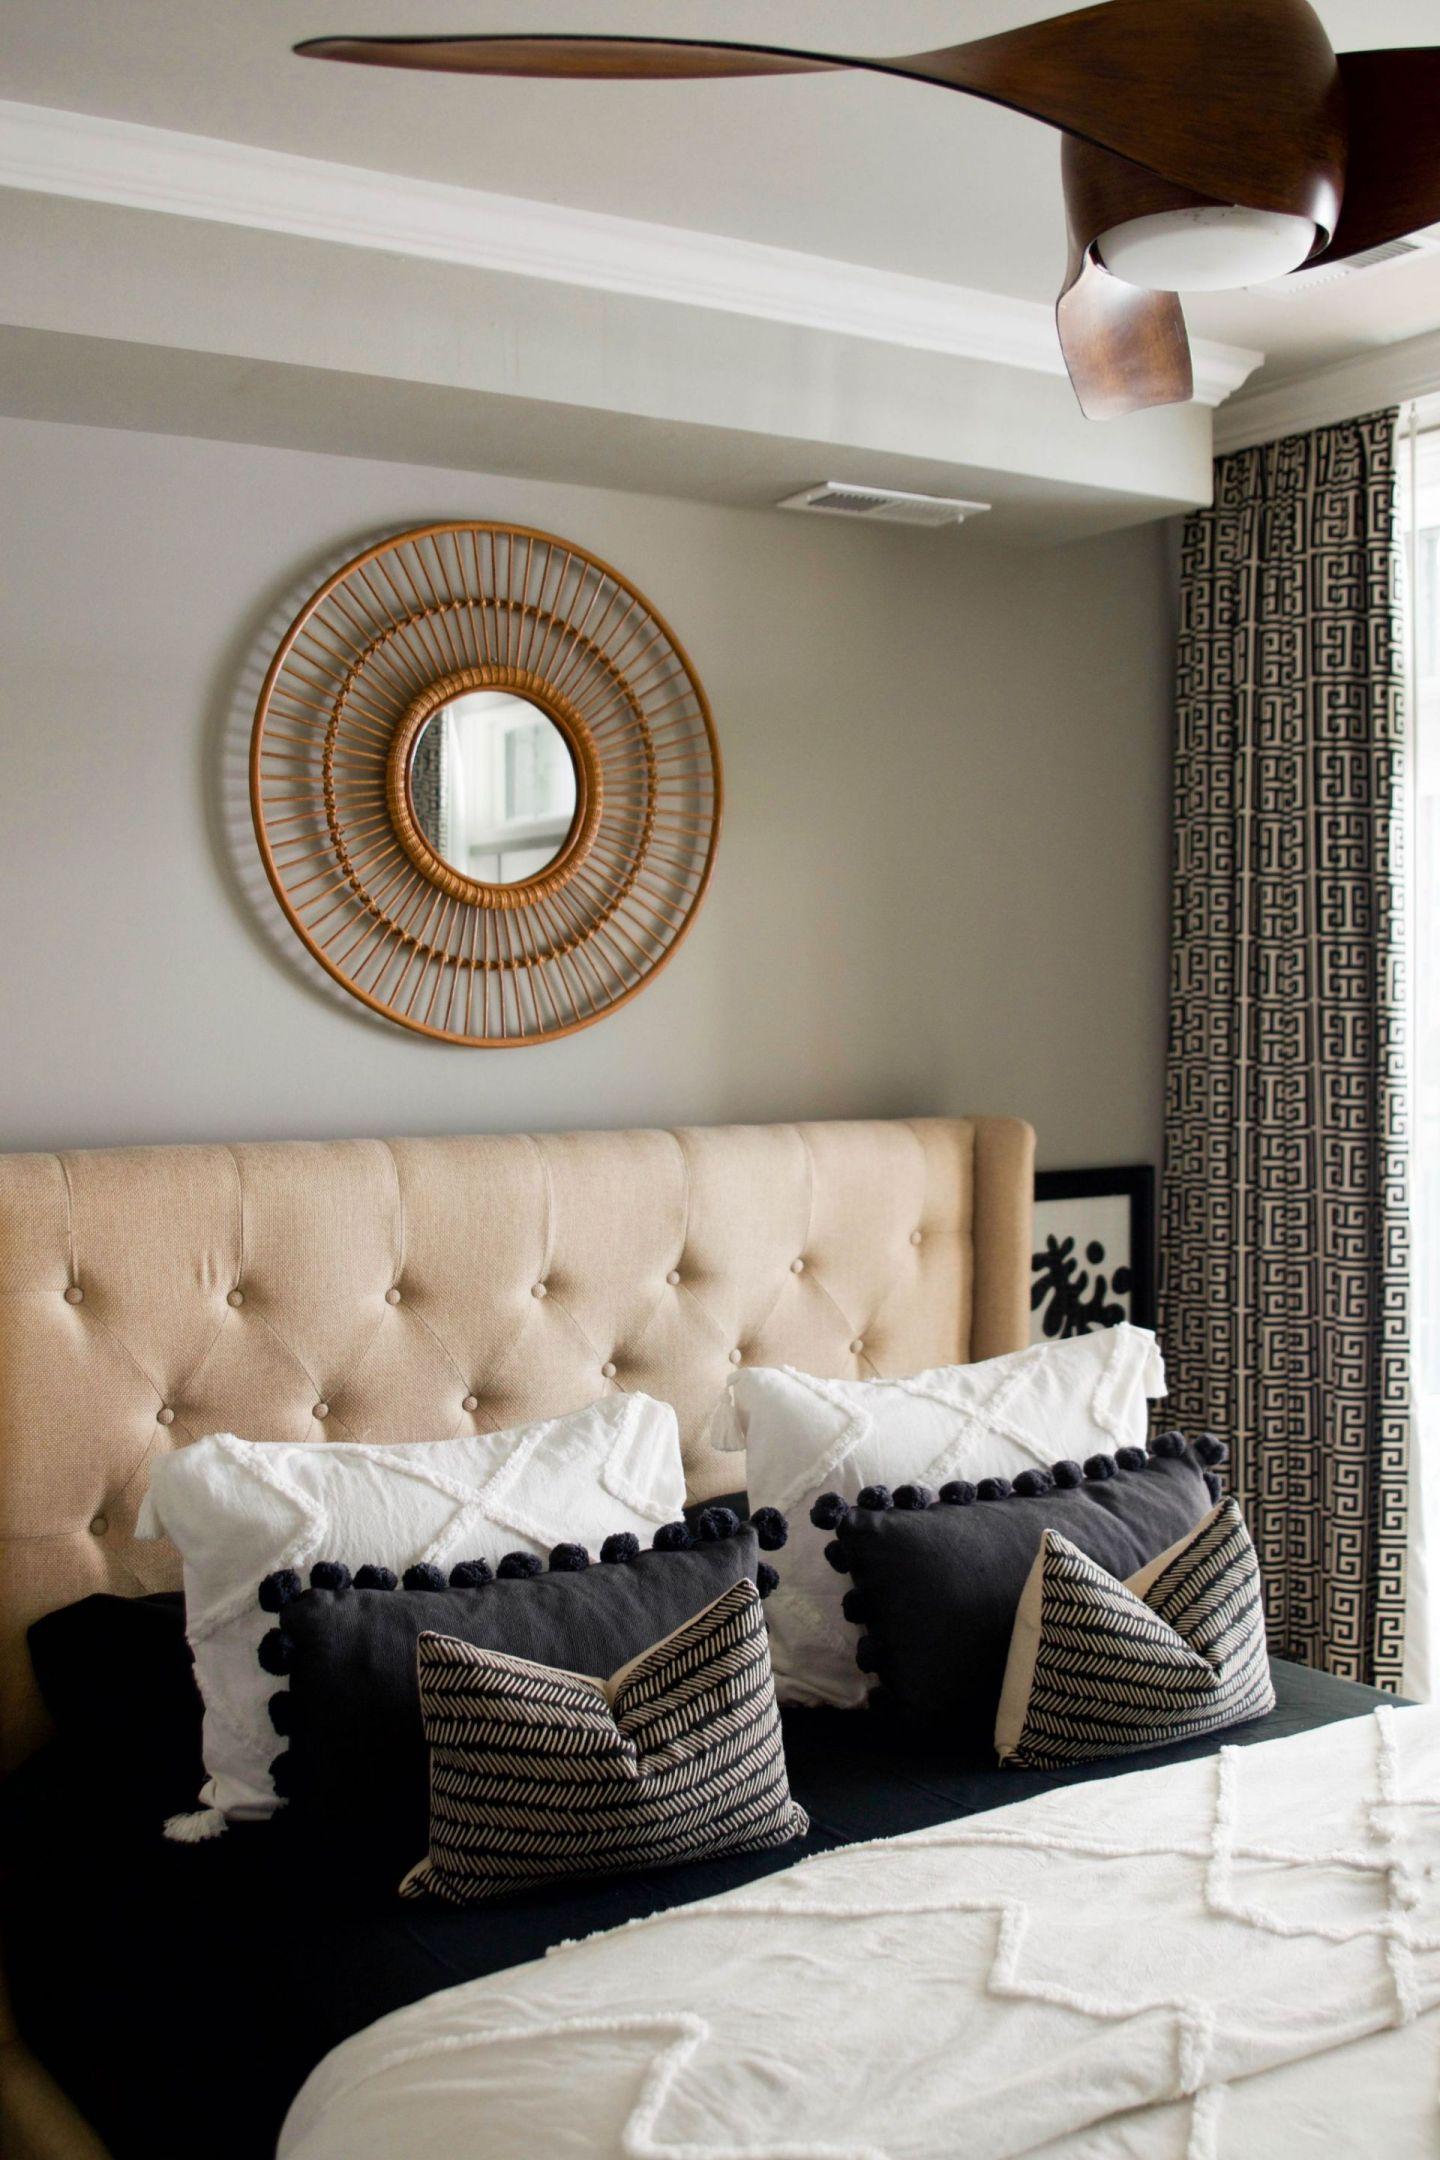 stylish ceiling fan options - how to choose a ceiling fan - minka aire artemis fan